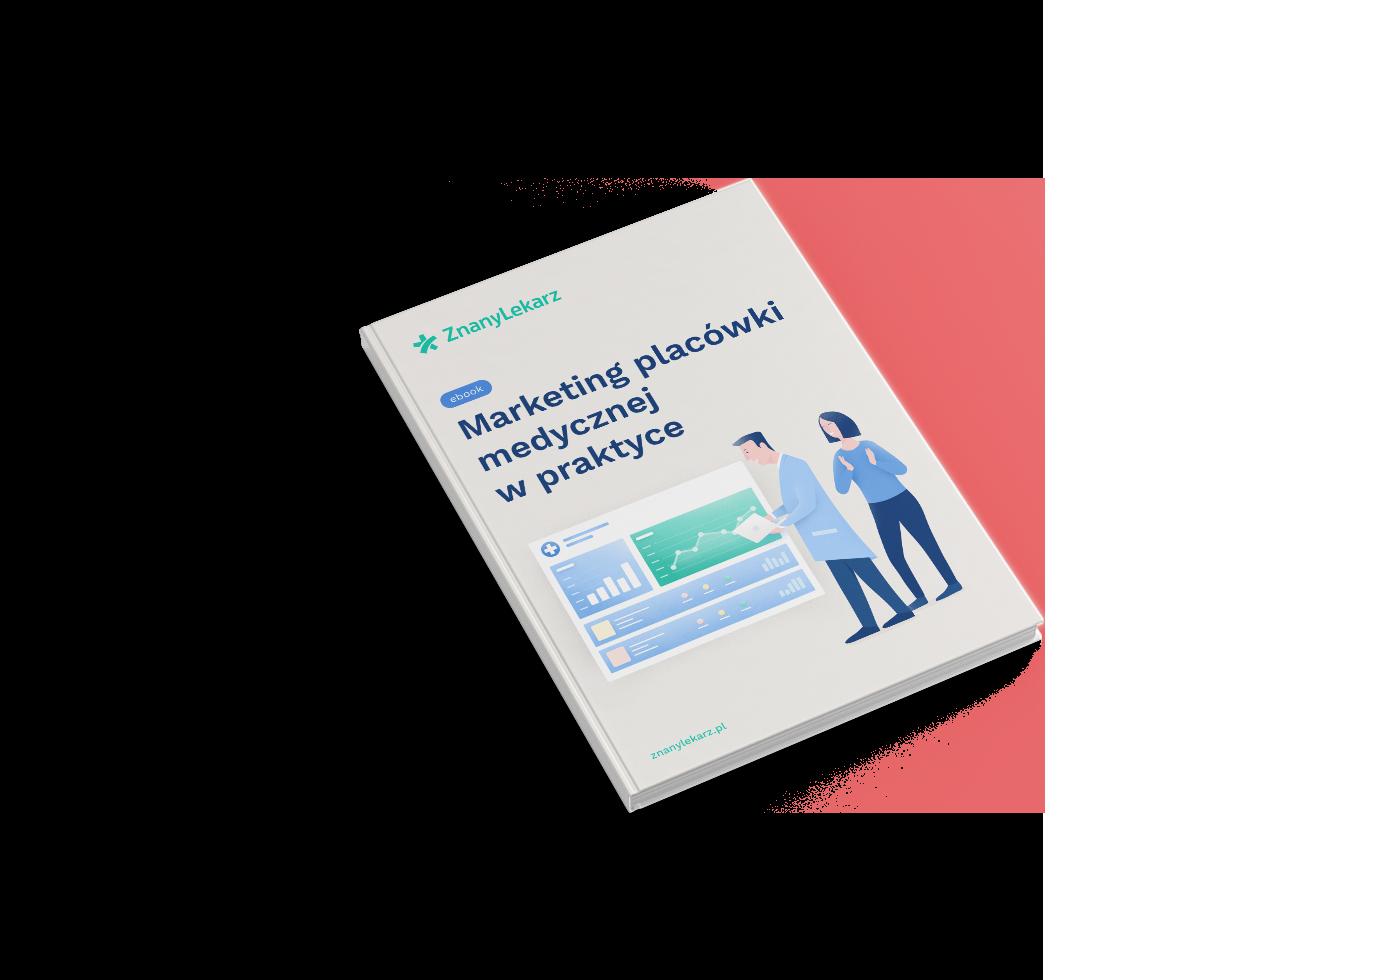 ebook_marketing_placowki_w_praktyce_mockup